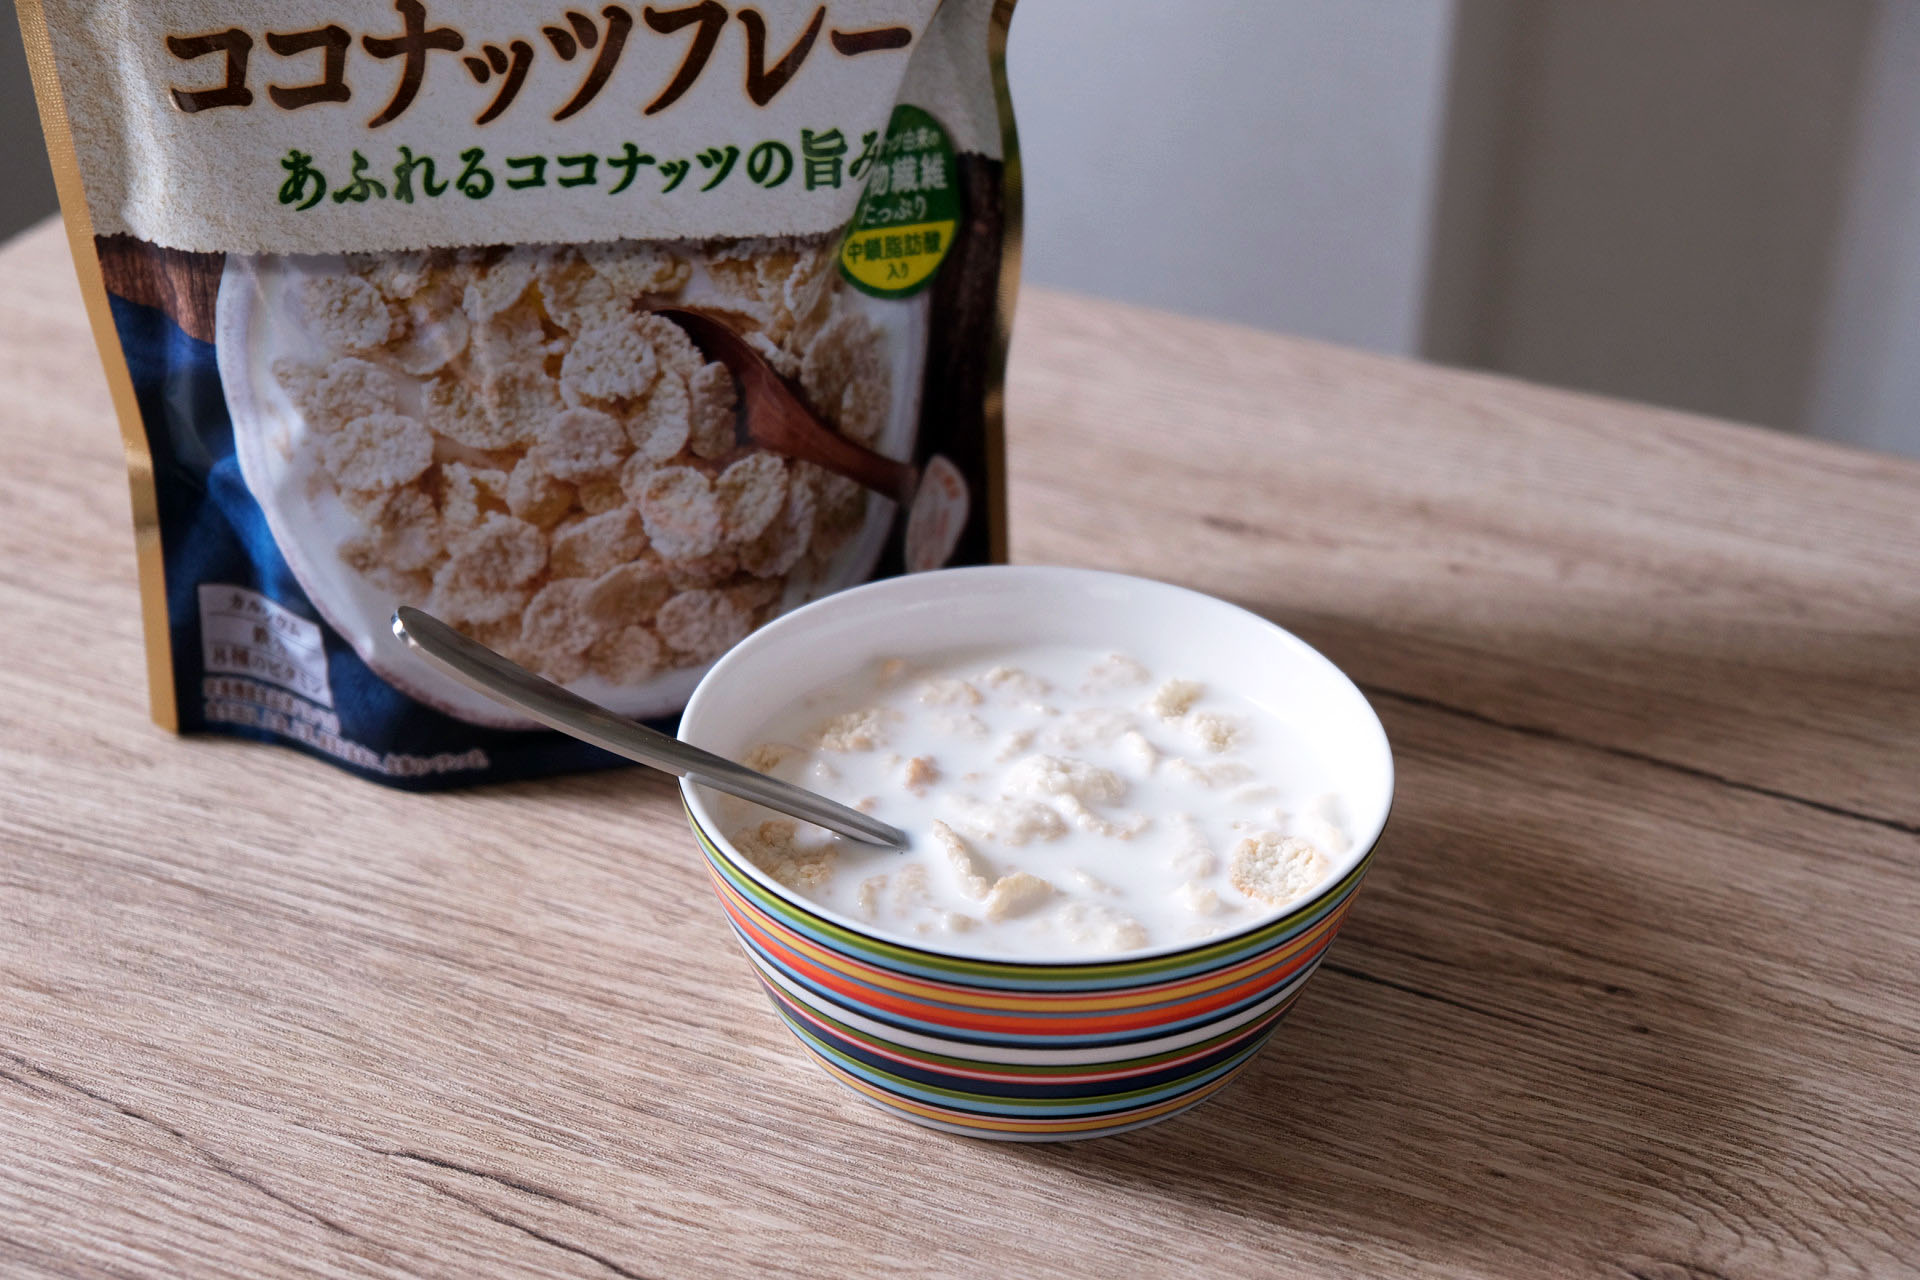 1食分の素材のごほうび ココナッツフレークに200gの牛乳をプラス